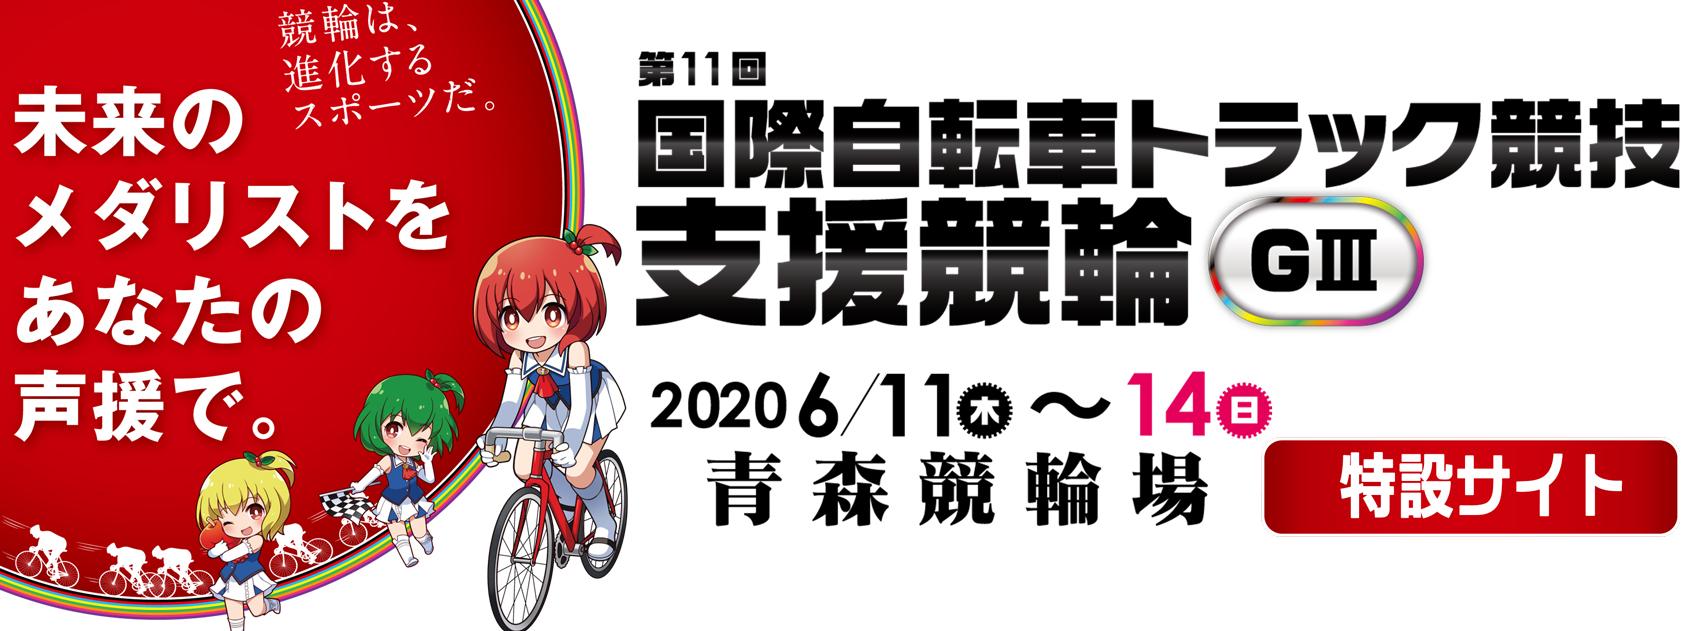 2020年 青森競輪 国際自転車トラック競技支援競輪(G3)の情報が丸分かり